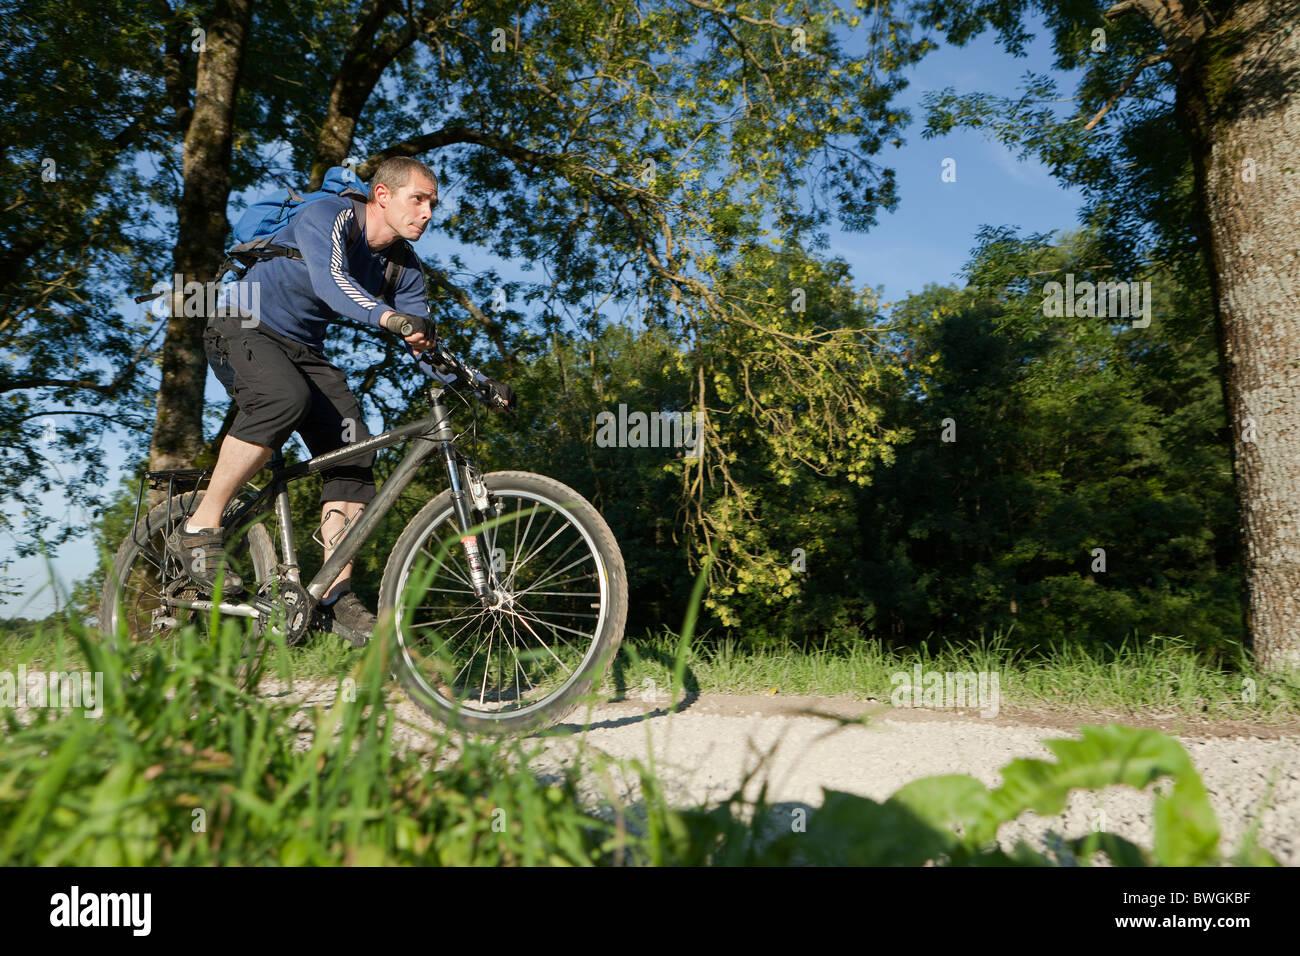 Hombre en bicicleta a lo largo de un camino de gravilla Foto de stock